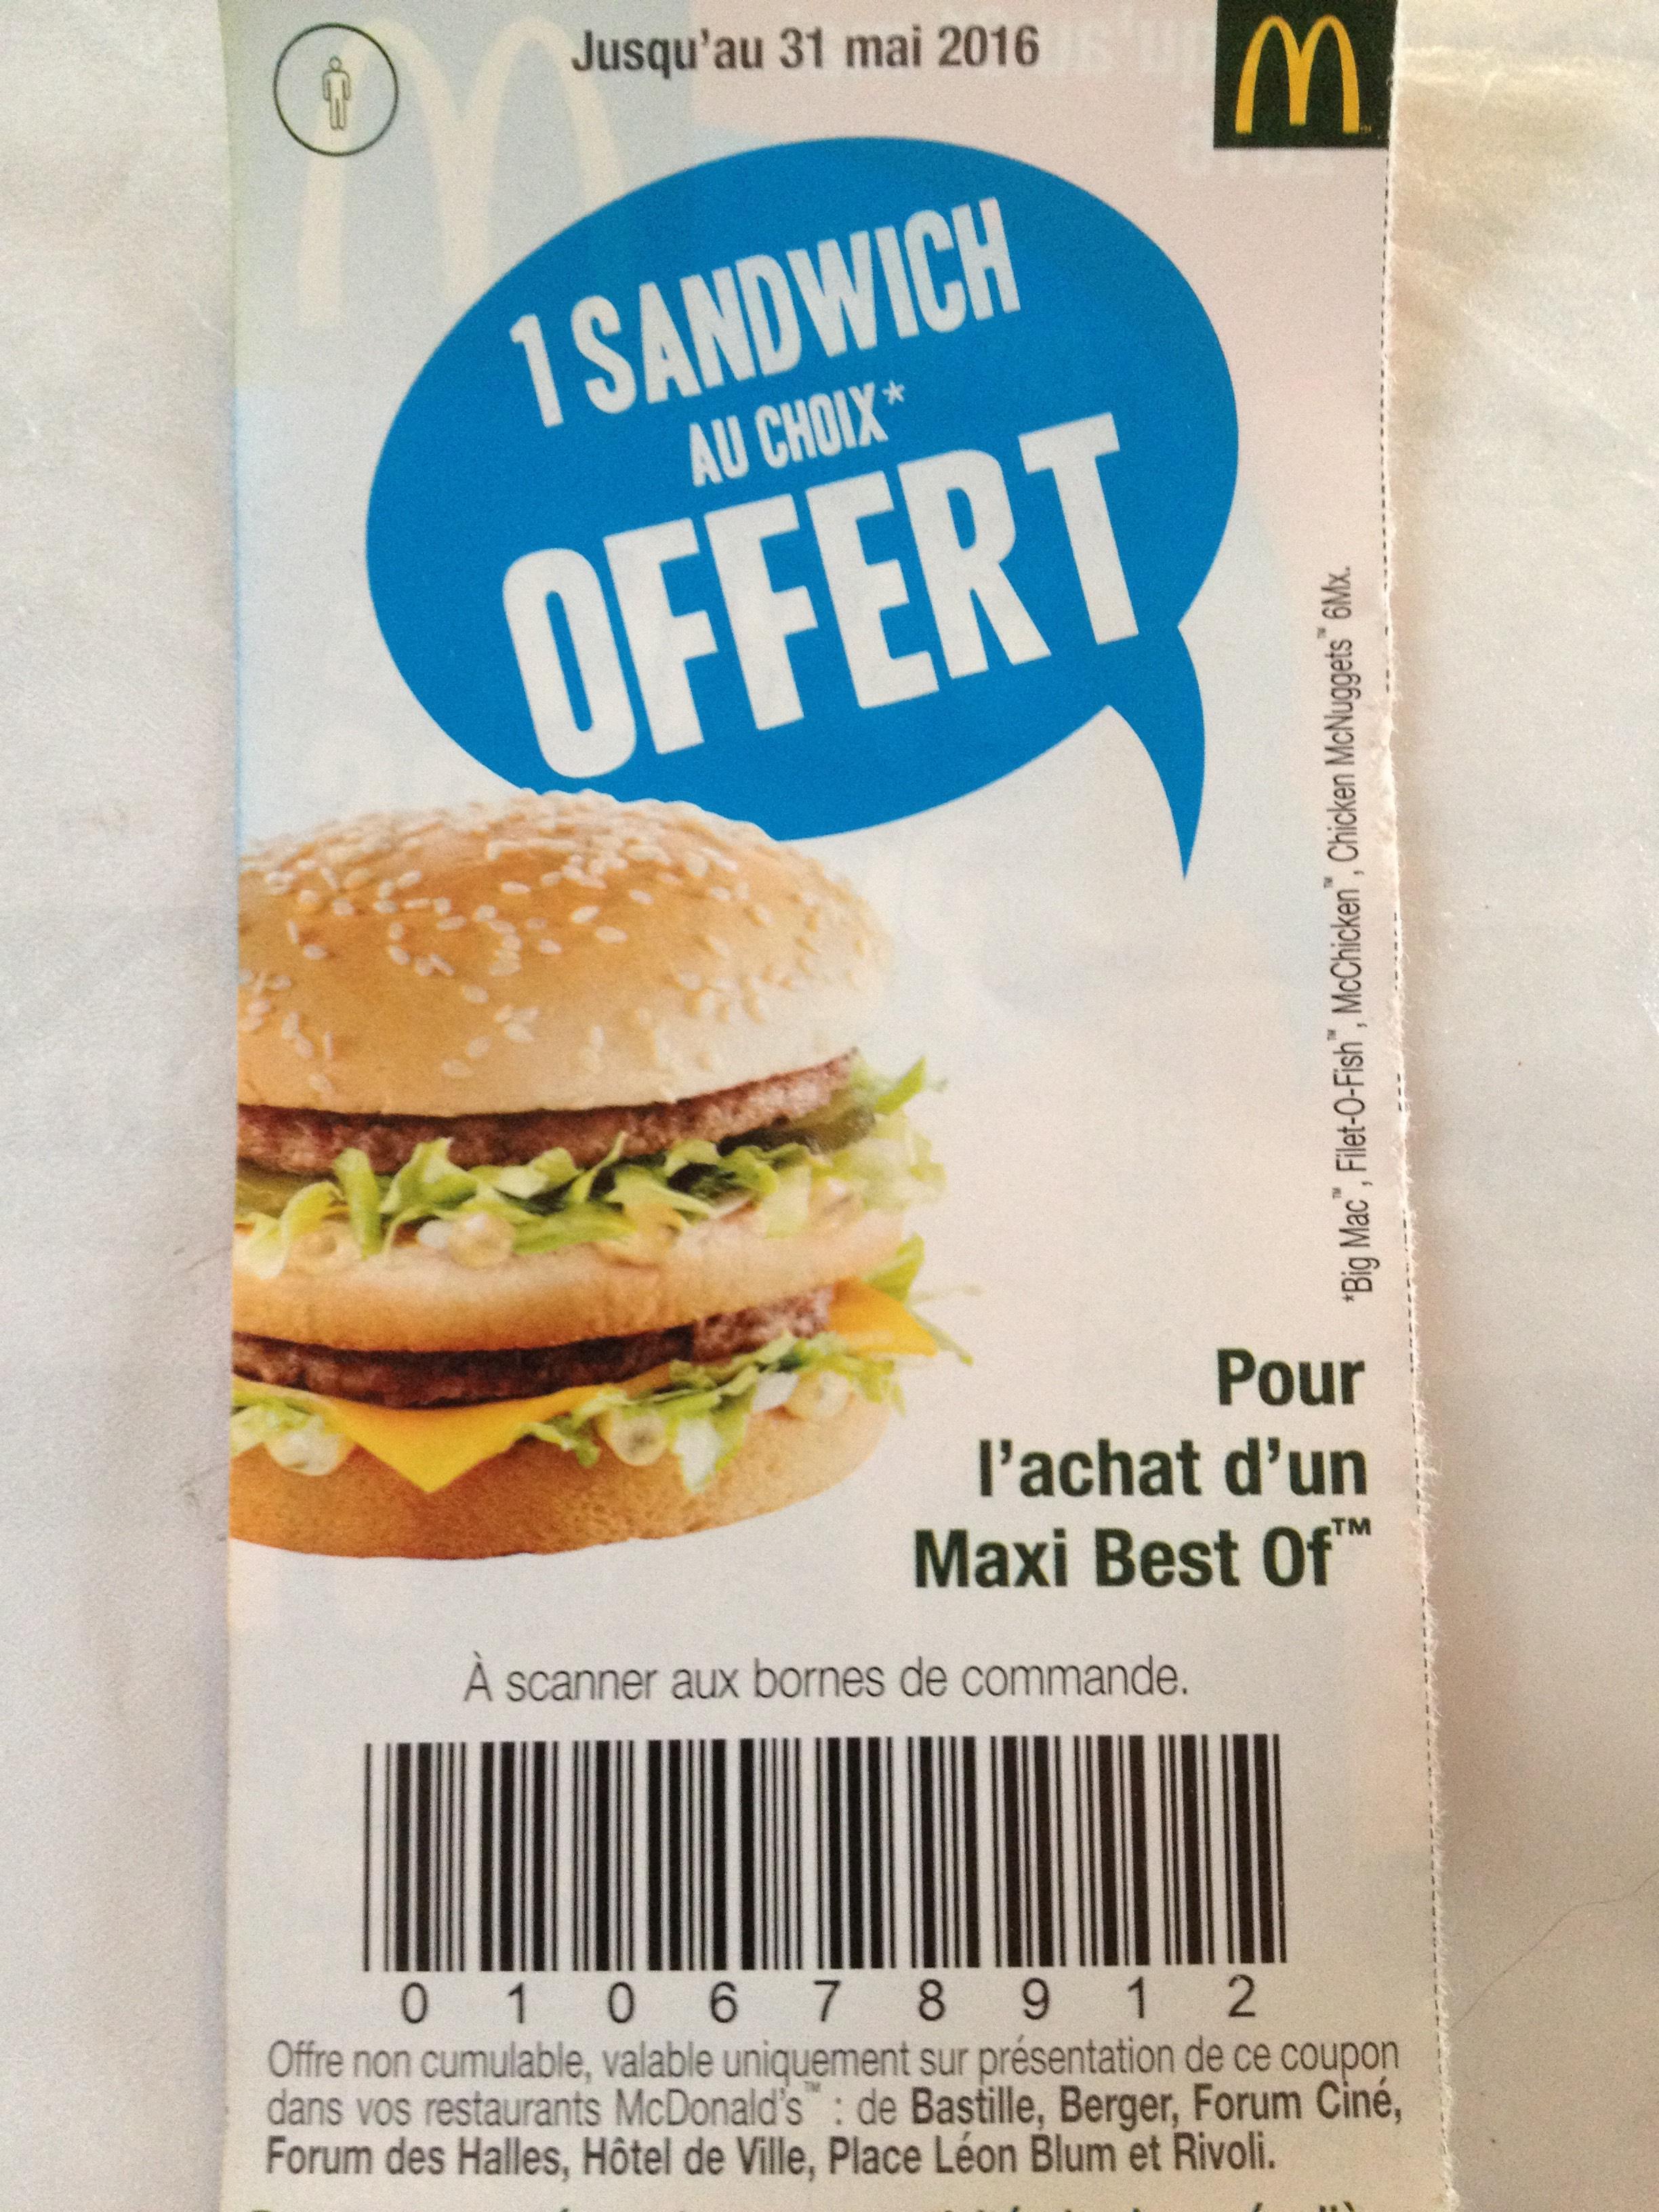 Sélection de promotions - Ex : Un burger offert pour l'achat d'un Maxi Best Of